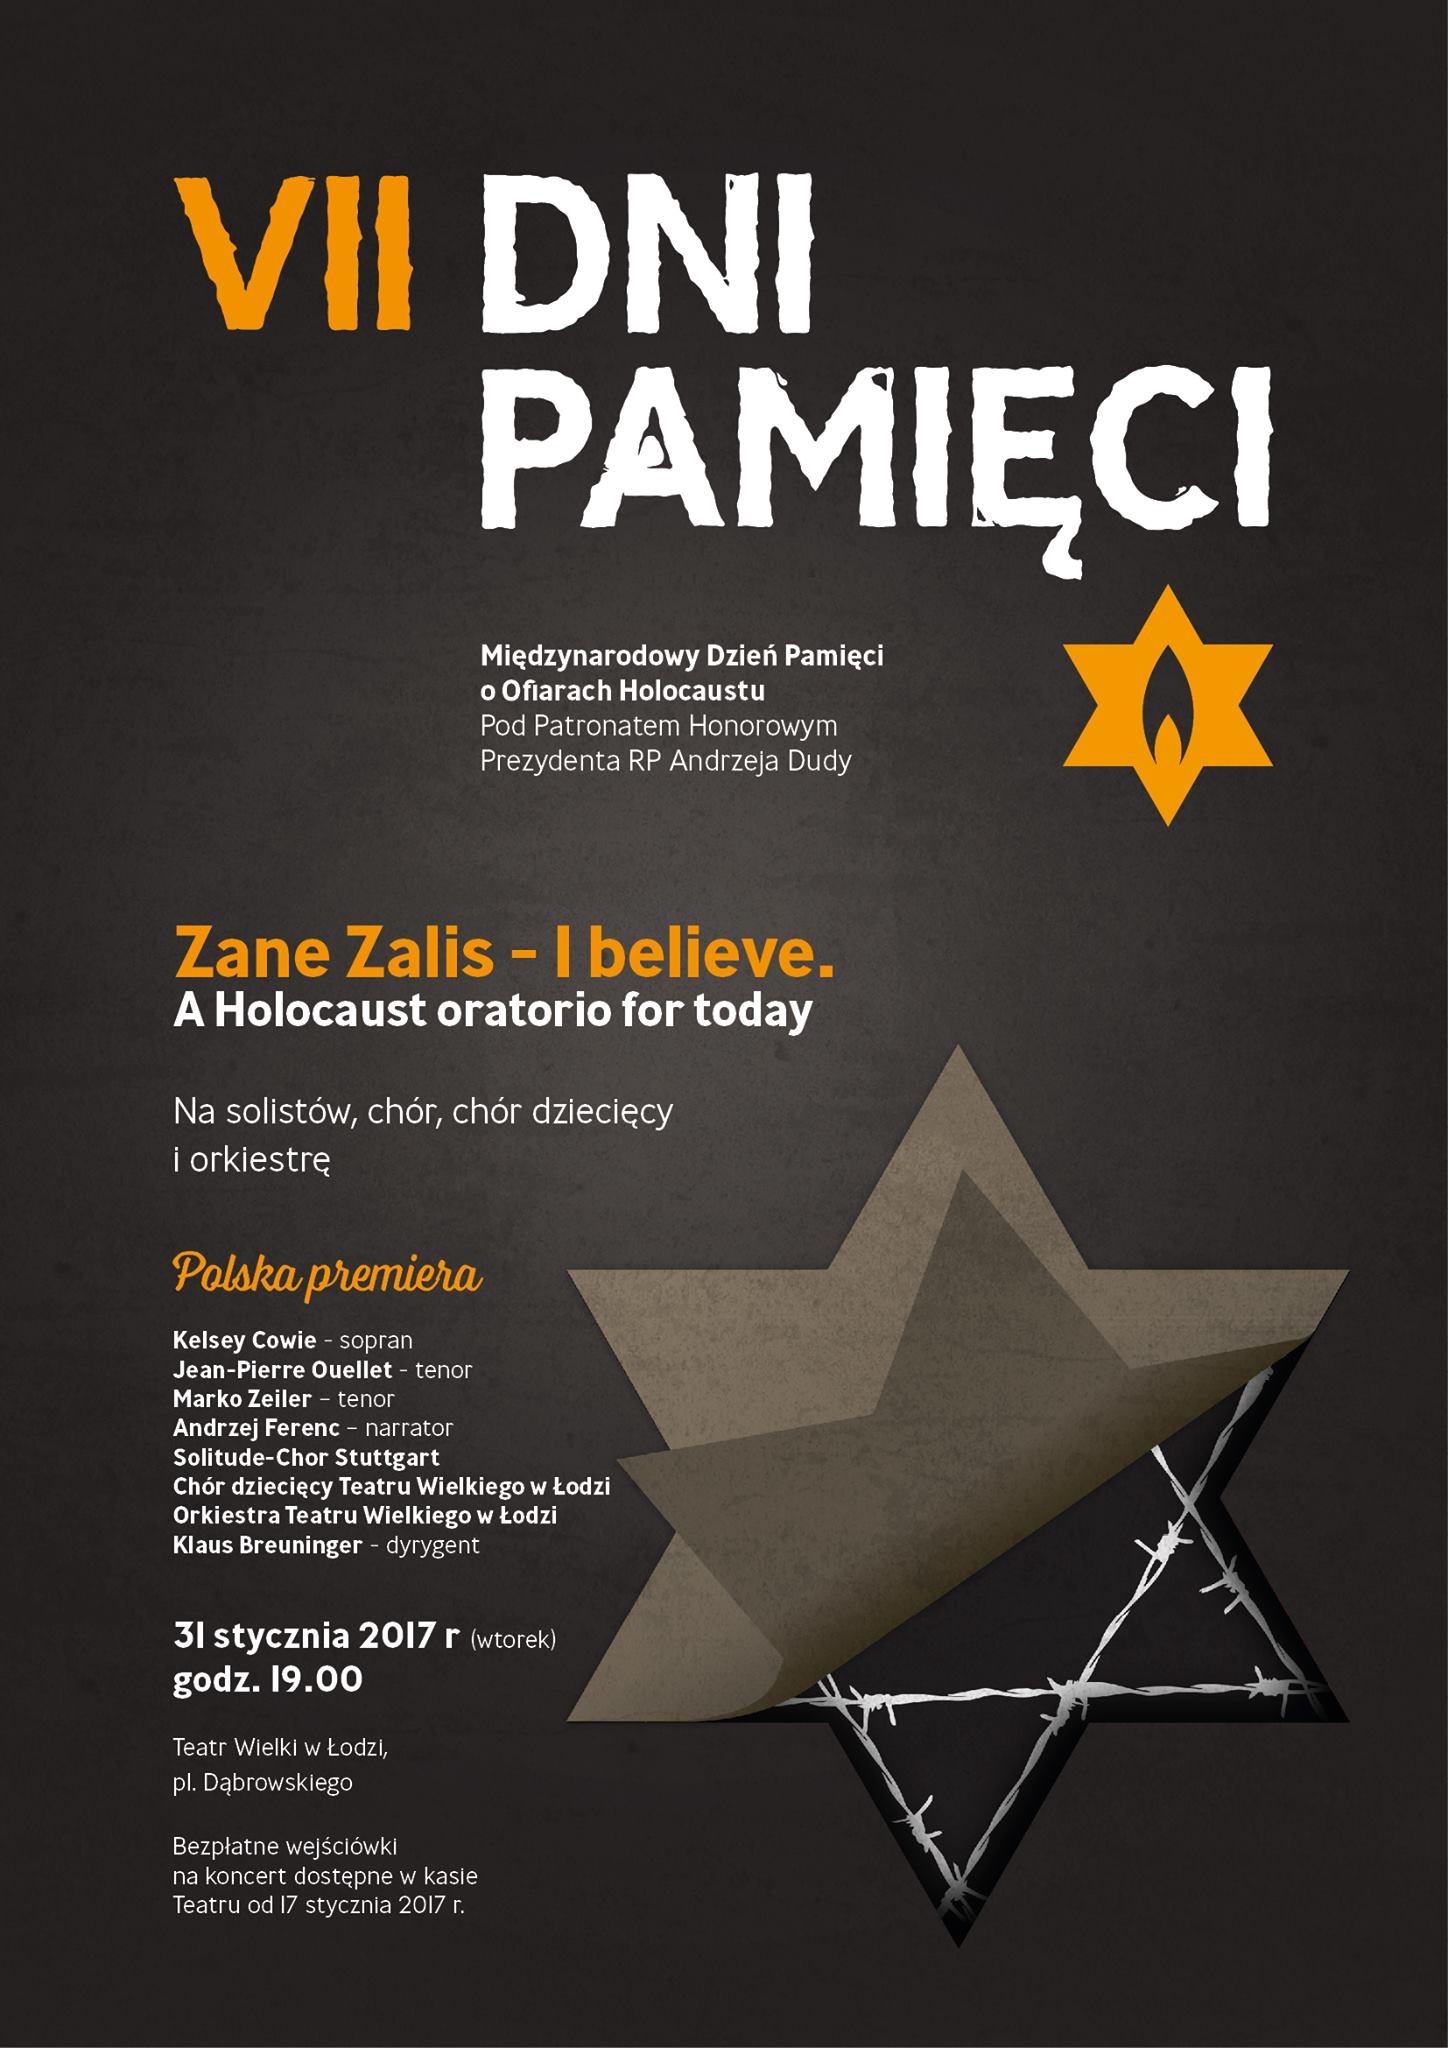 Plakat - Material der Staatsoper Lodz / materiały Teatru Wielkiego w Łodzi